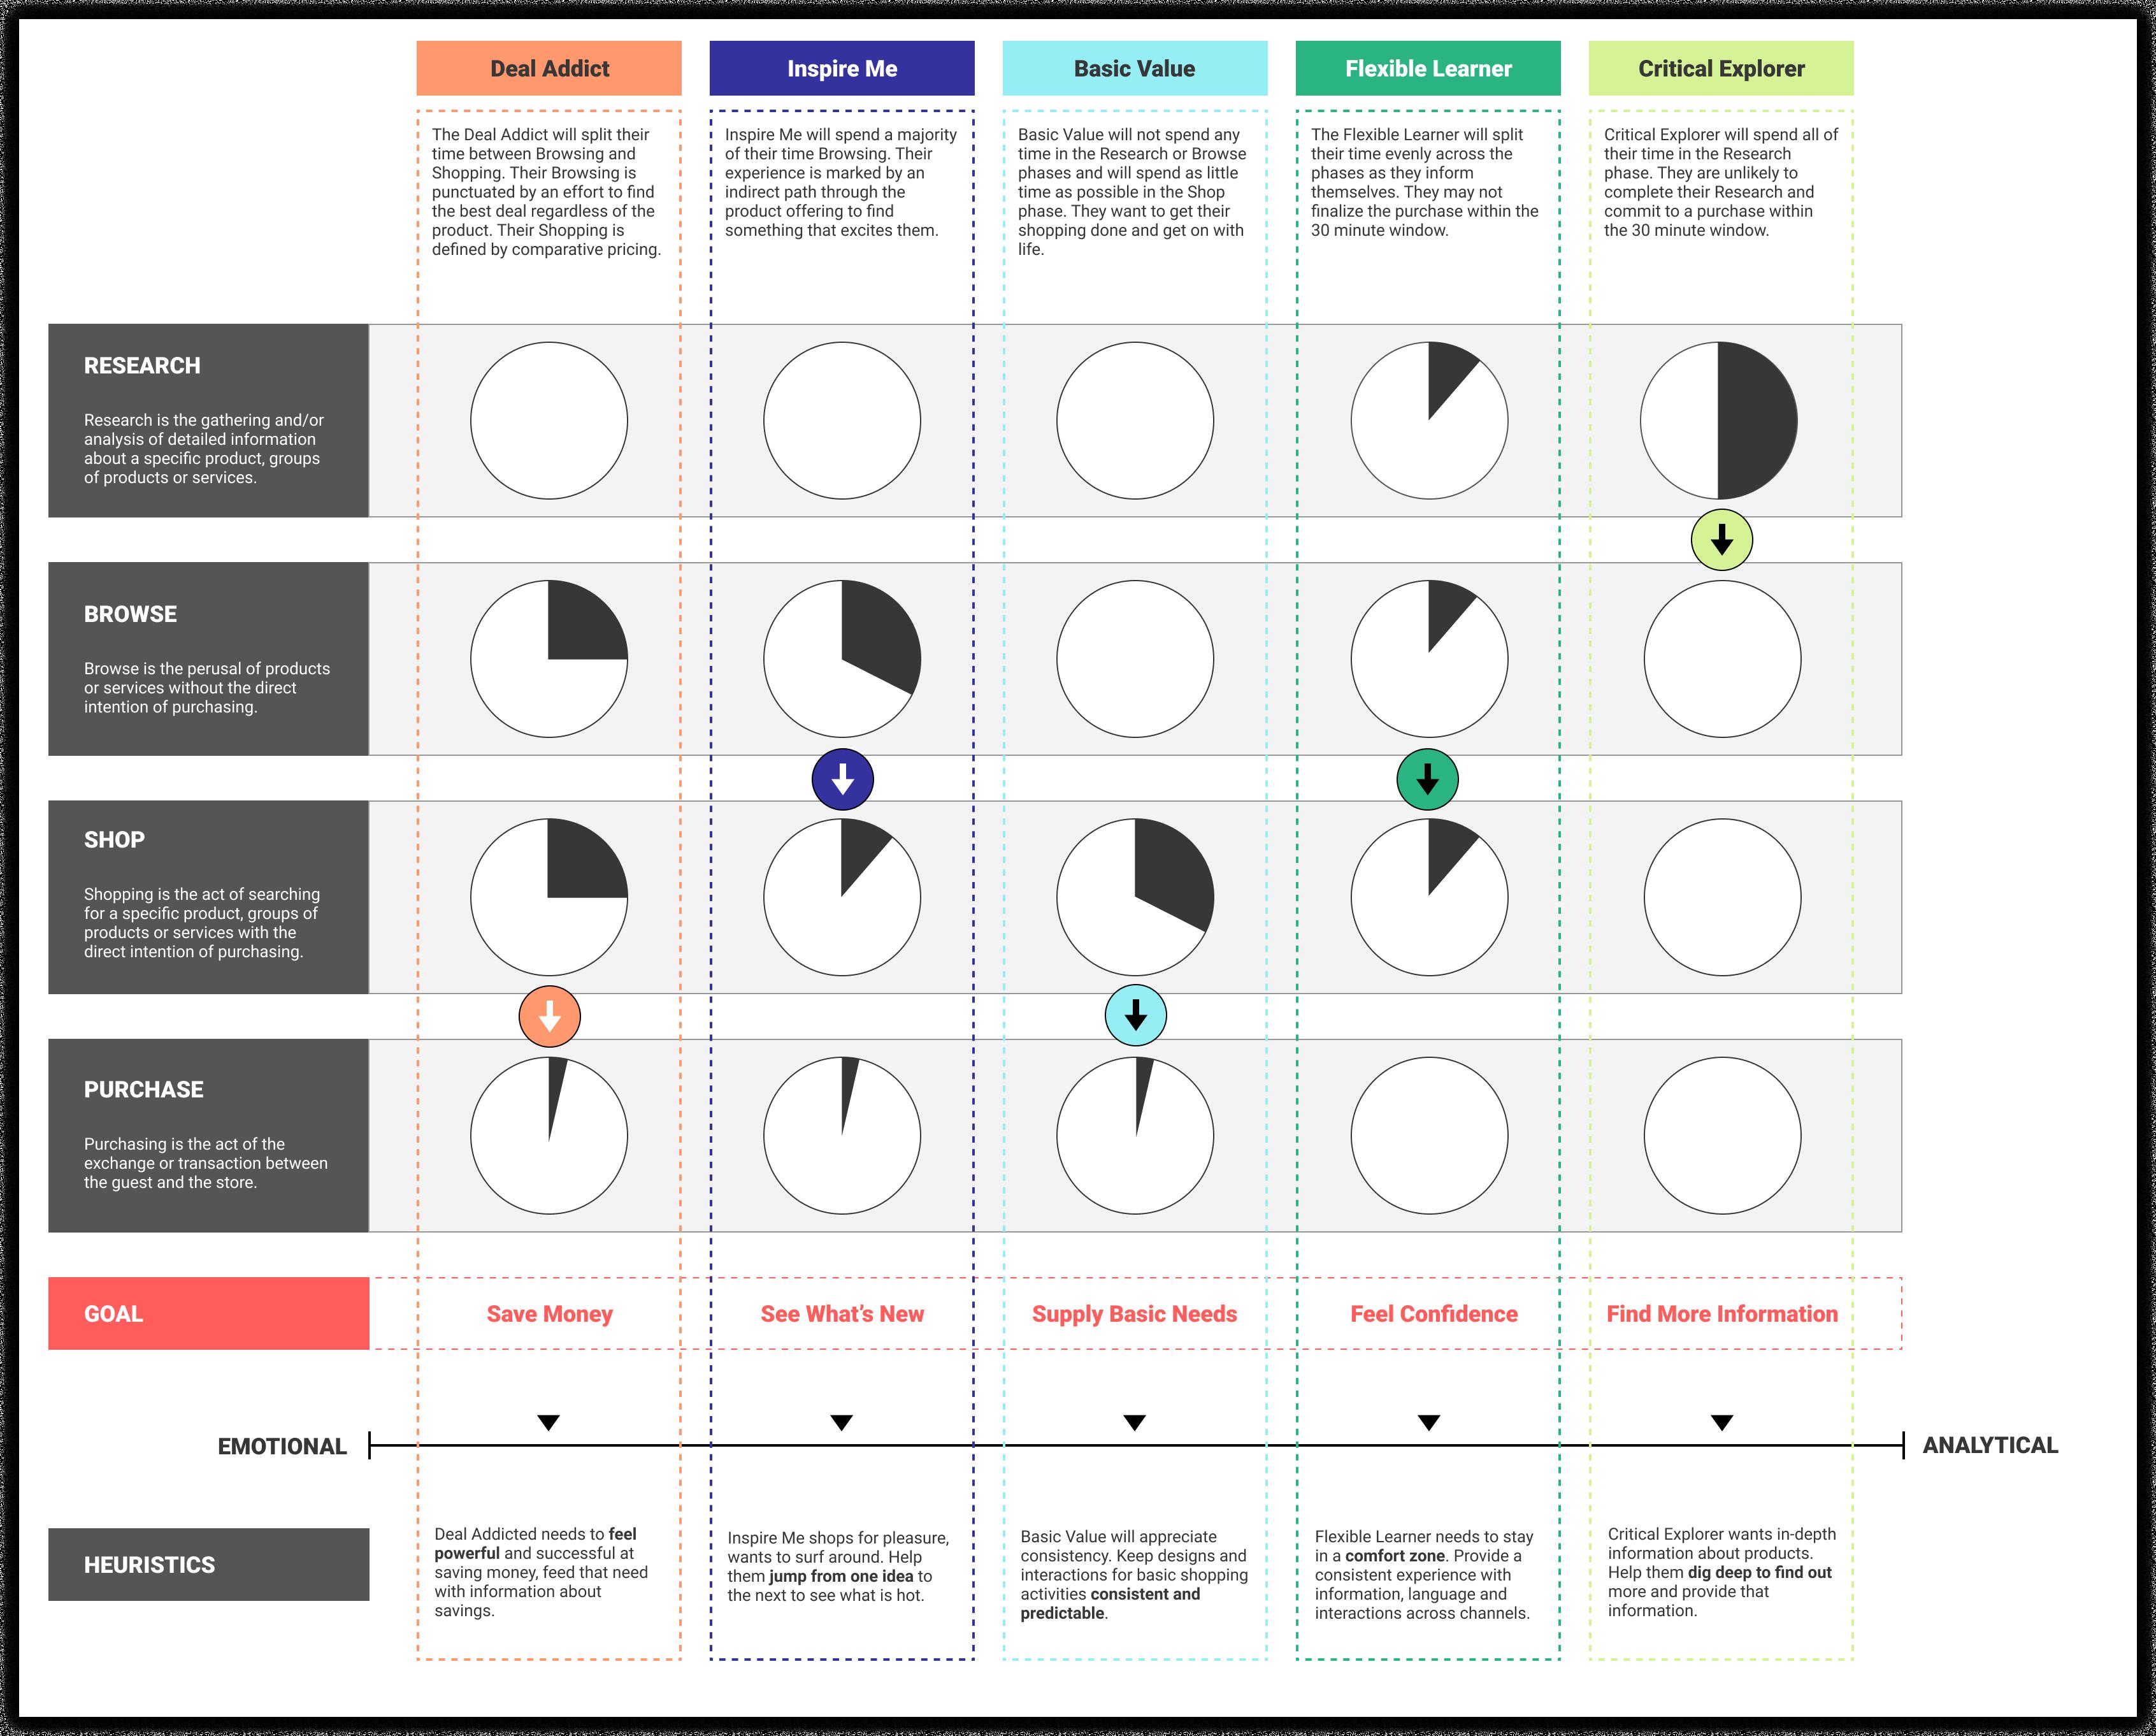 Behavioural Patterns